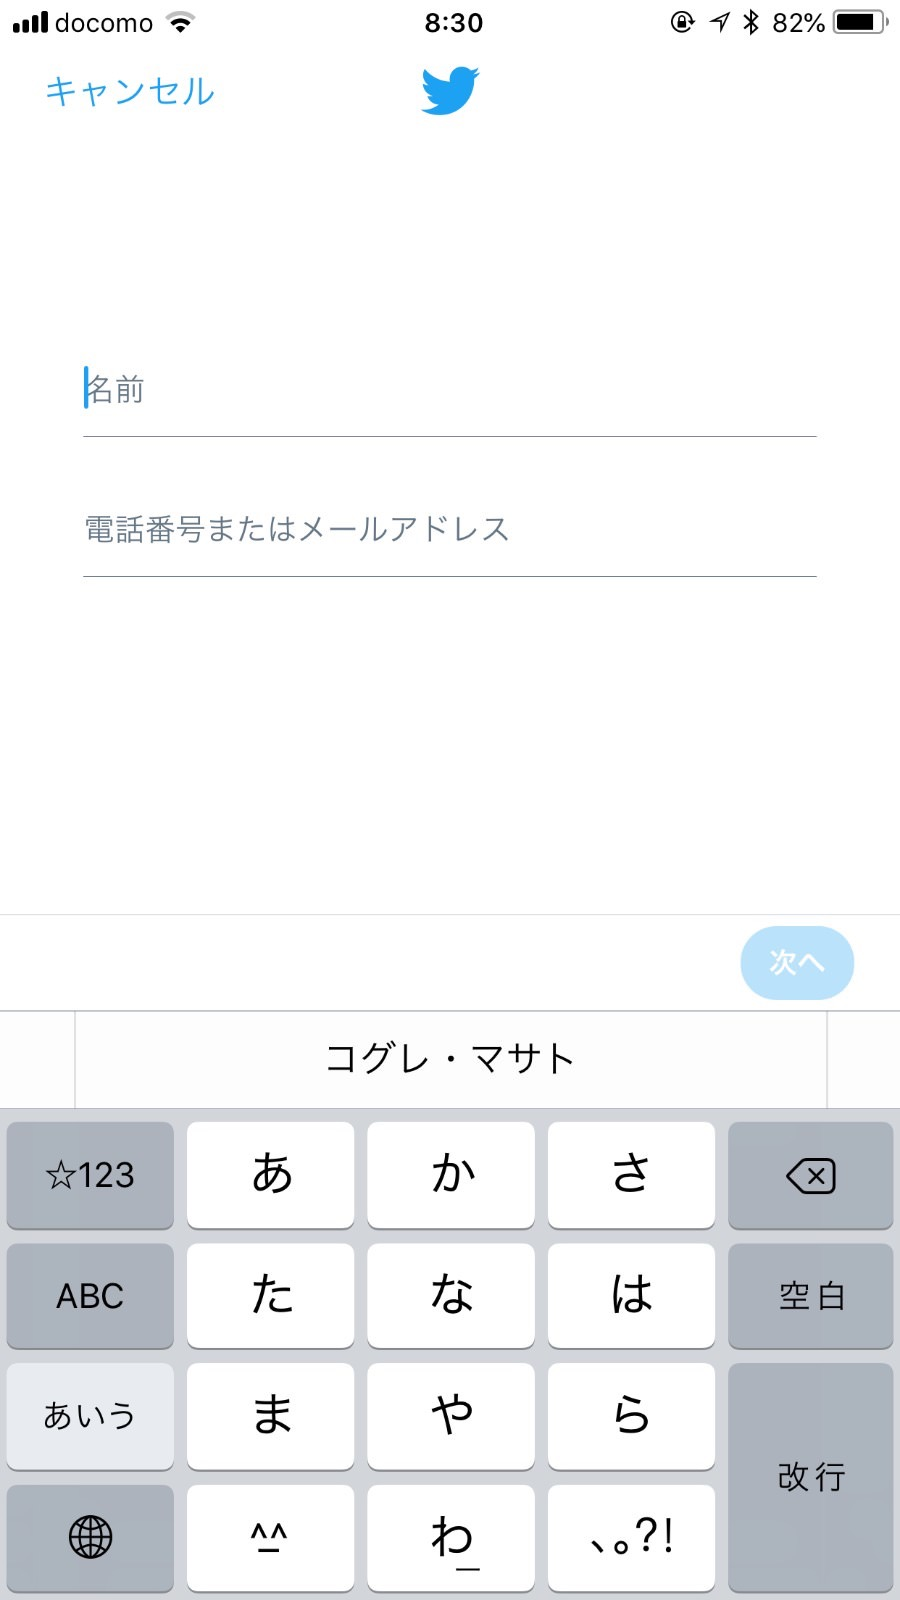 Twitter アカウント 文字列